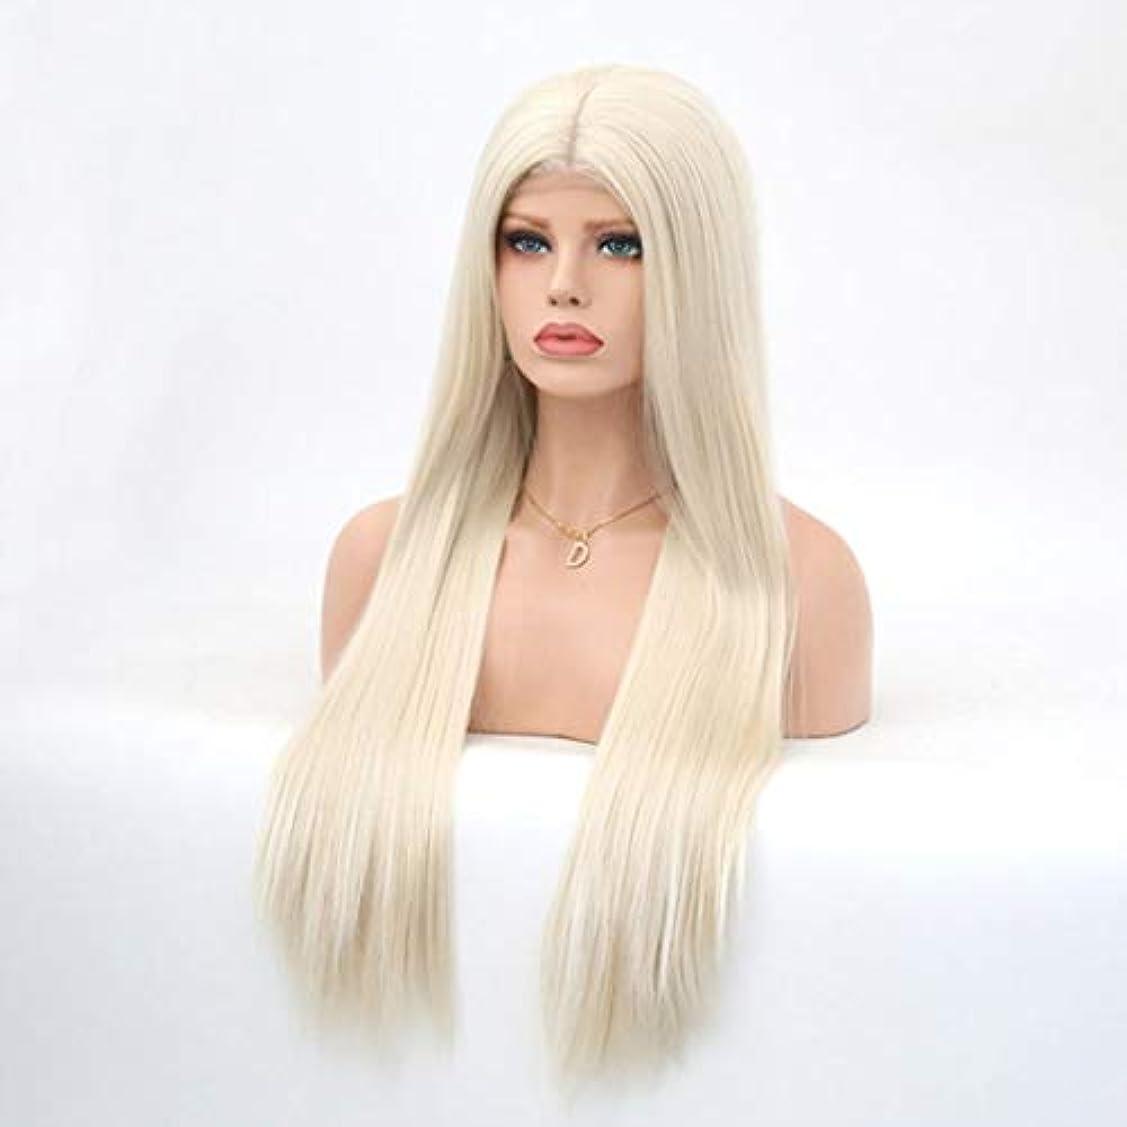 不信マラドロイト削るKerwinner レディースシルクロングストレートブラックウィッグ耐熱合成かつら前髪付きウィッグ女性用ウィッグ